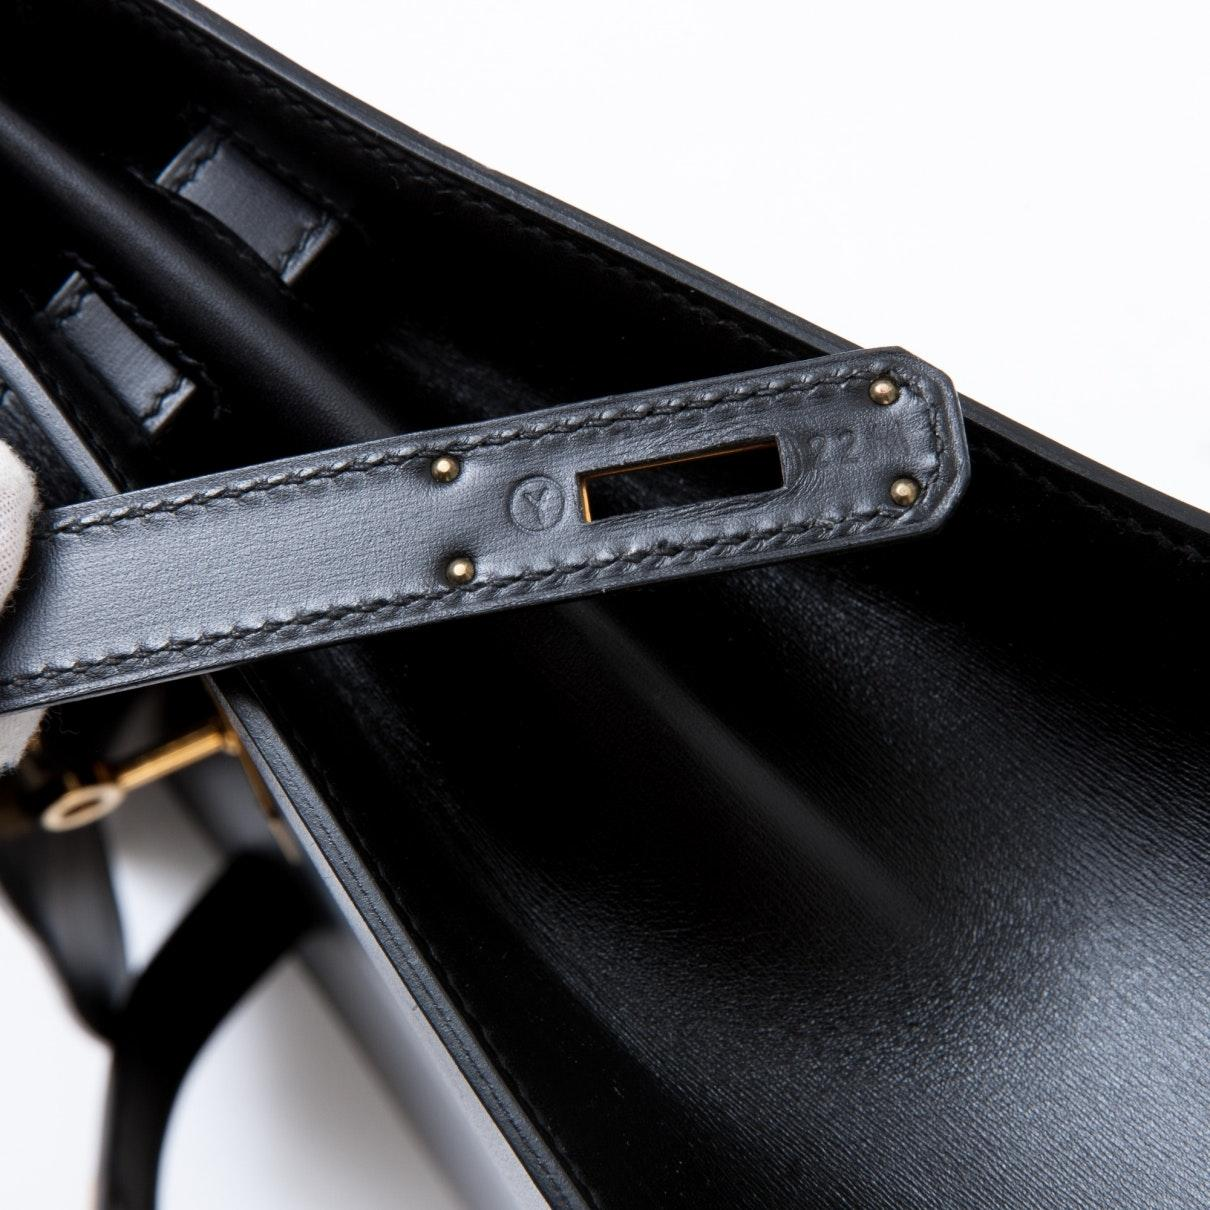 Sac à main Kelly 32 en Cuir Noir Cuir Hermès en coloris Noir 84uv